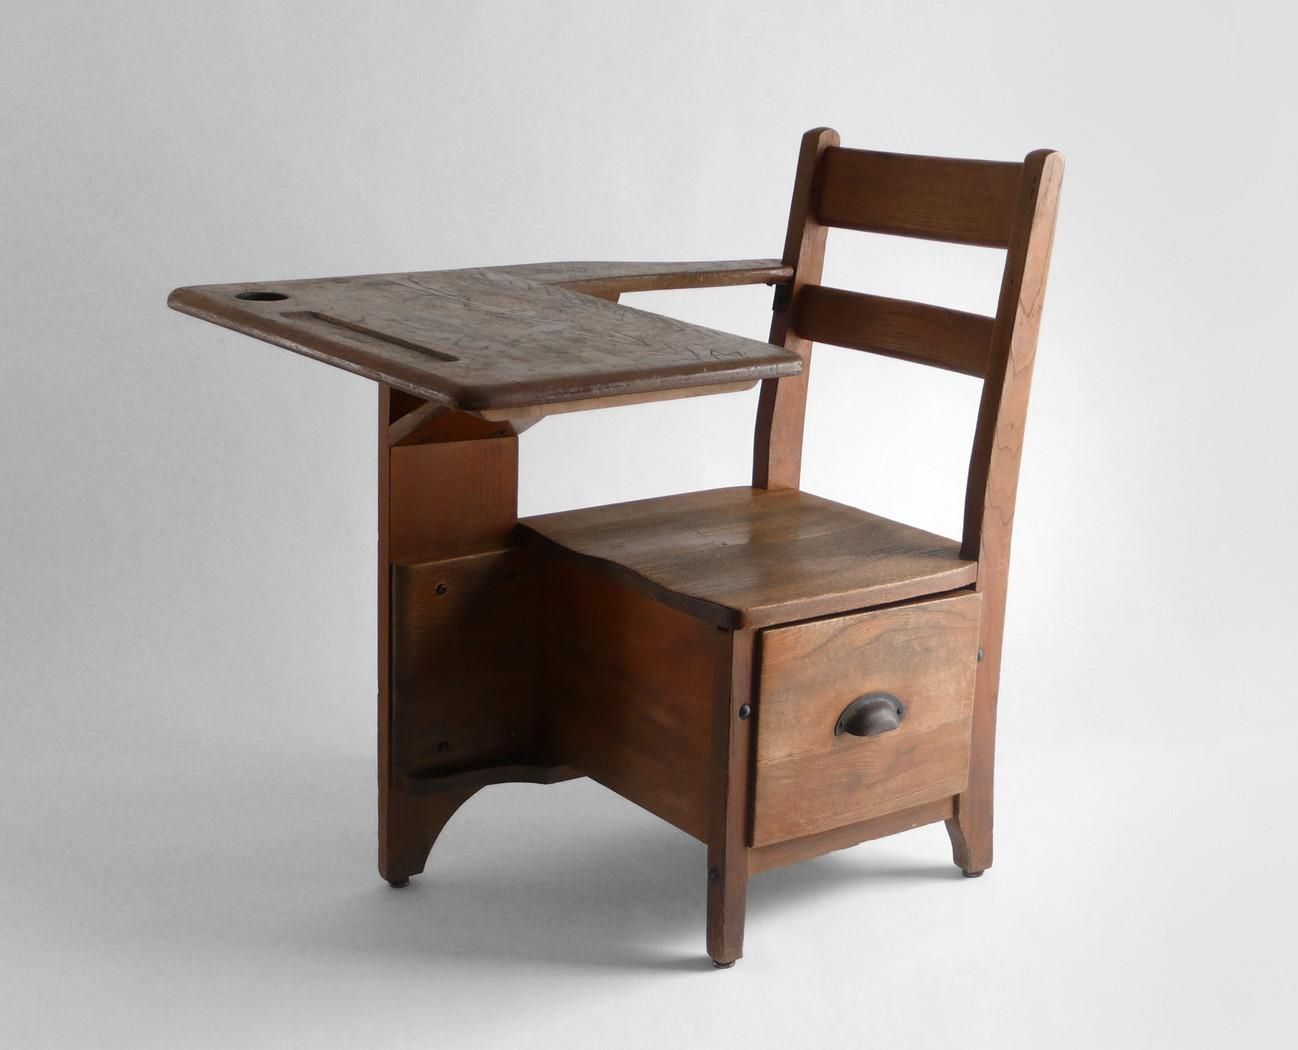 Childrens Wooden School Desk And Chair Muebles Para Espacios Pequenos Muebles Y Accesorios Pupitres Antiguos